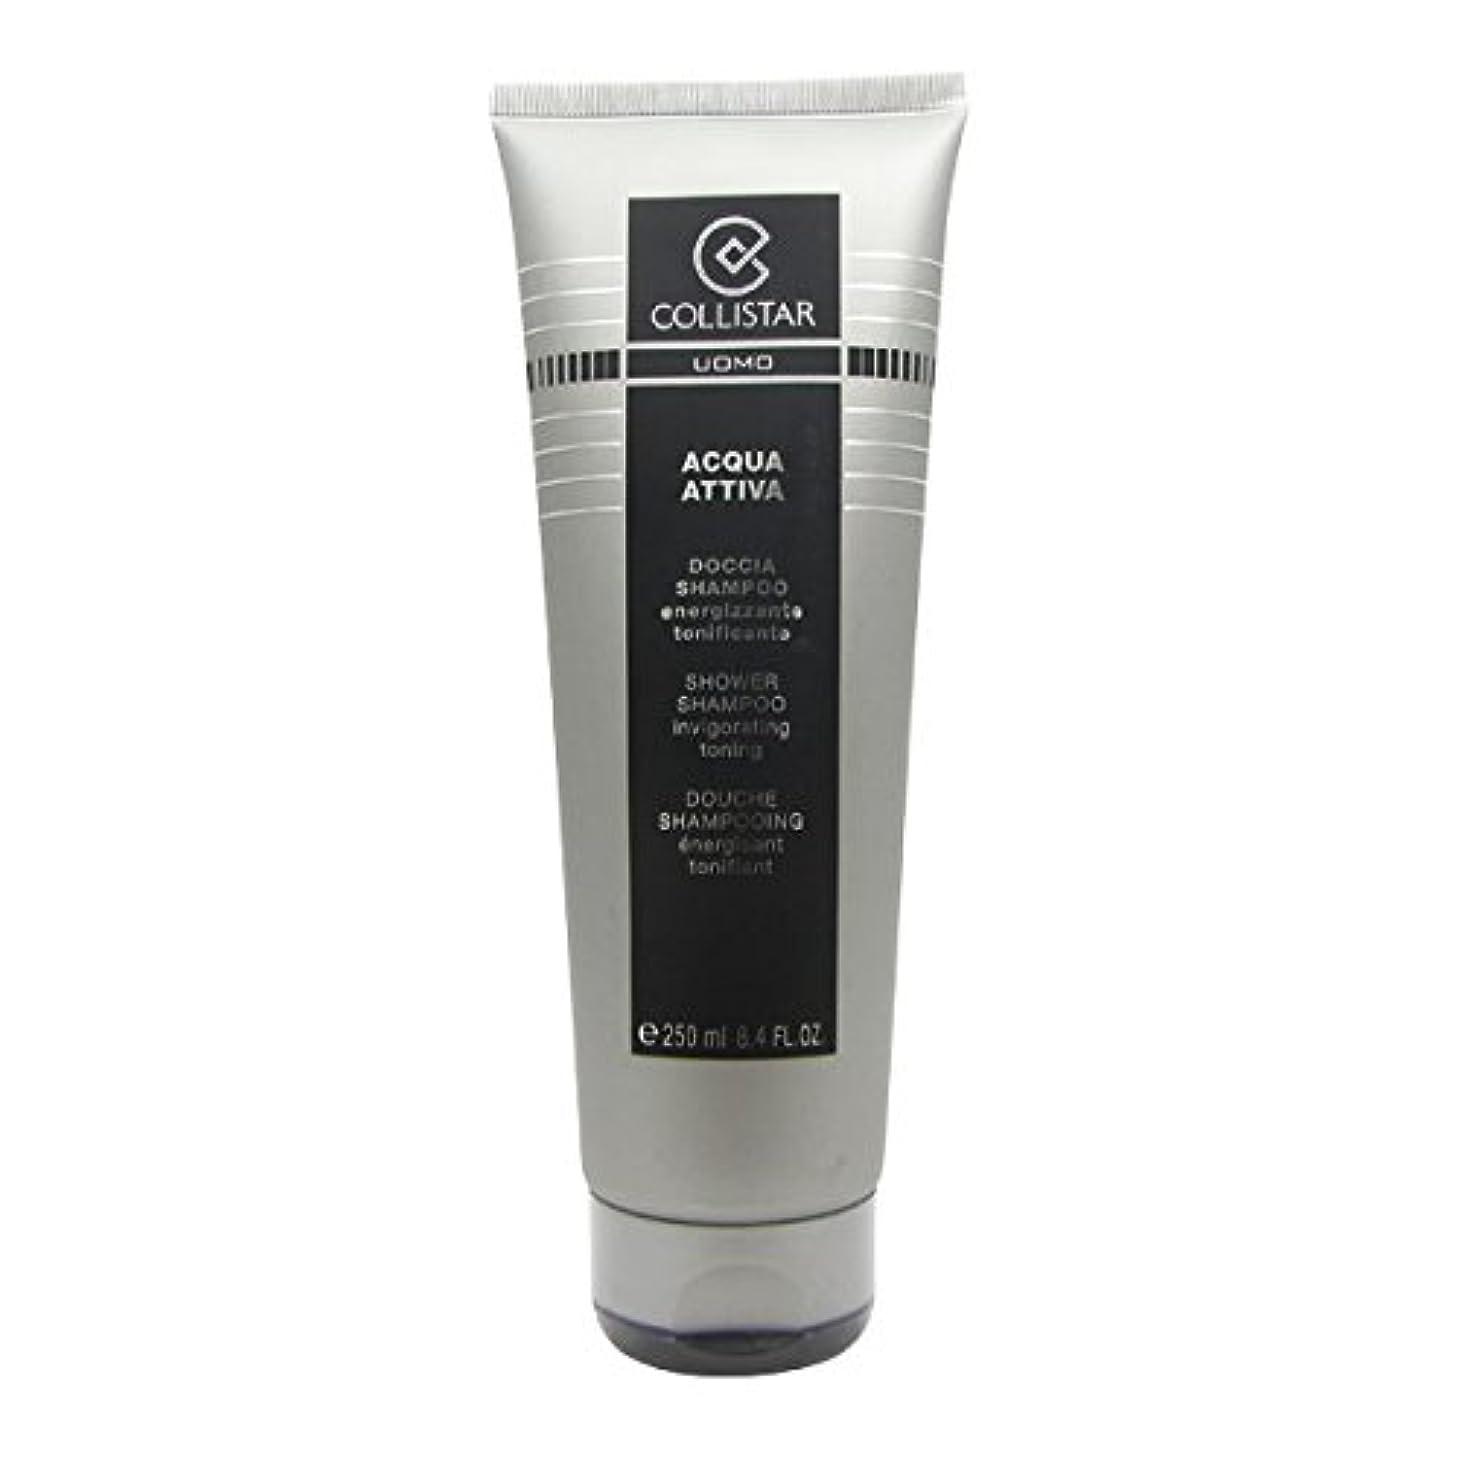 航海のどこでもラックCollistar Men Acqua Attiva Shower Shampoo 250ml [並行輸入品]